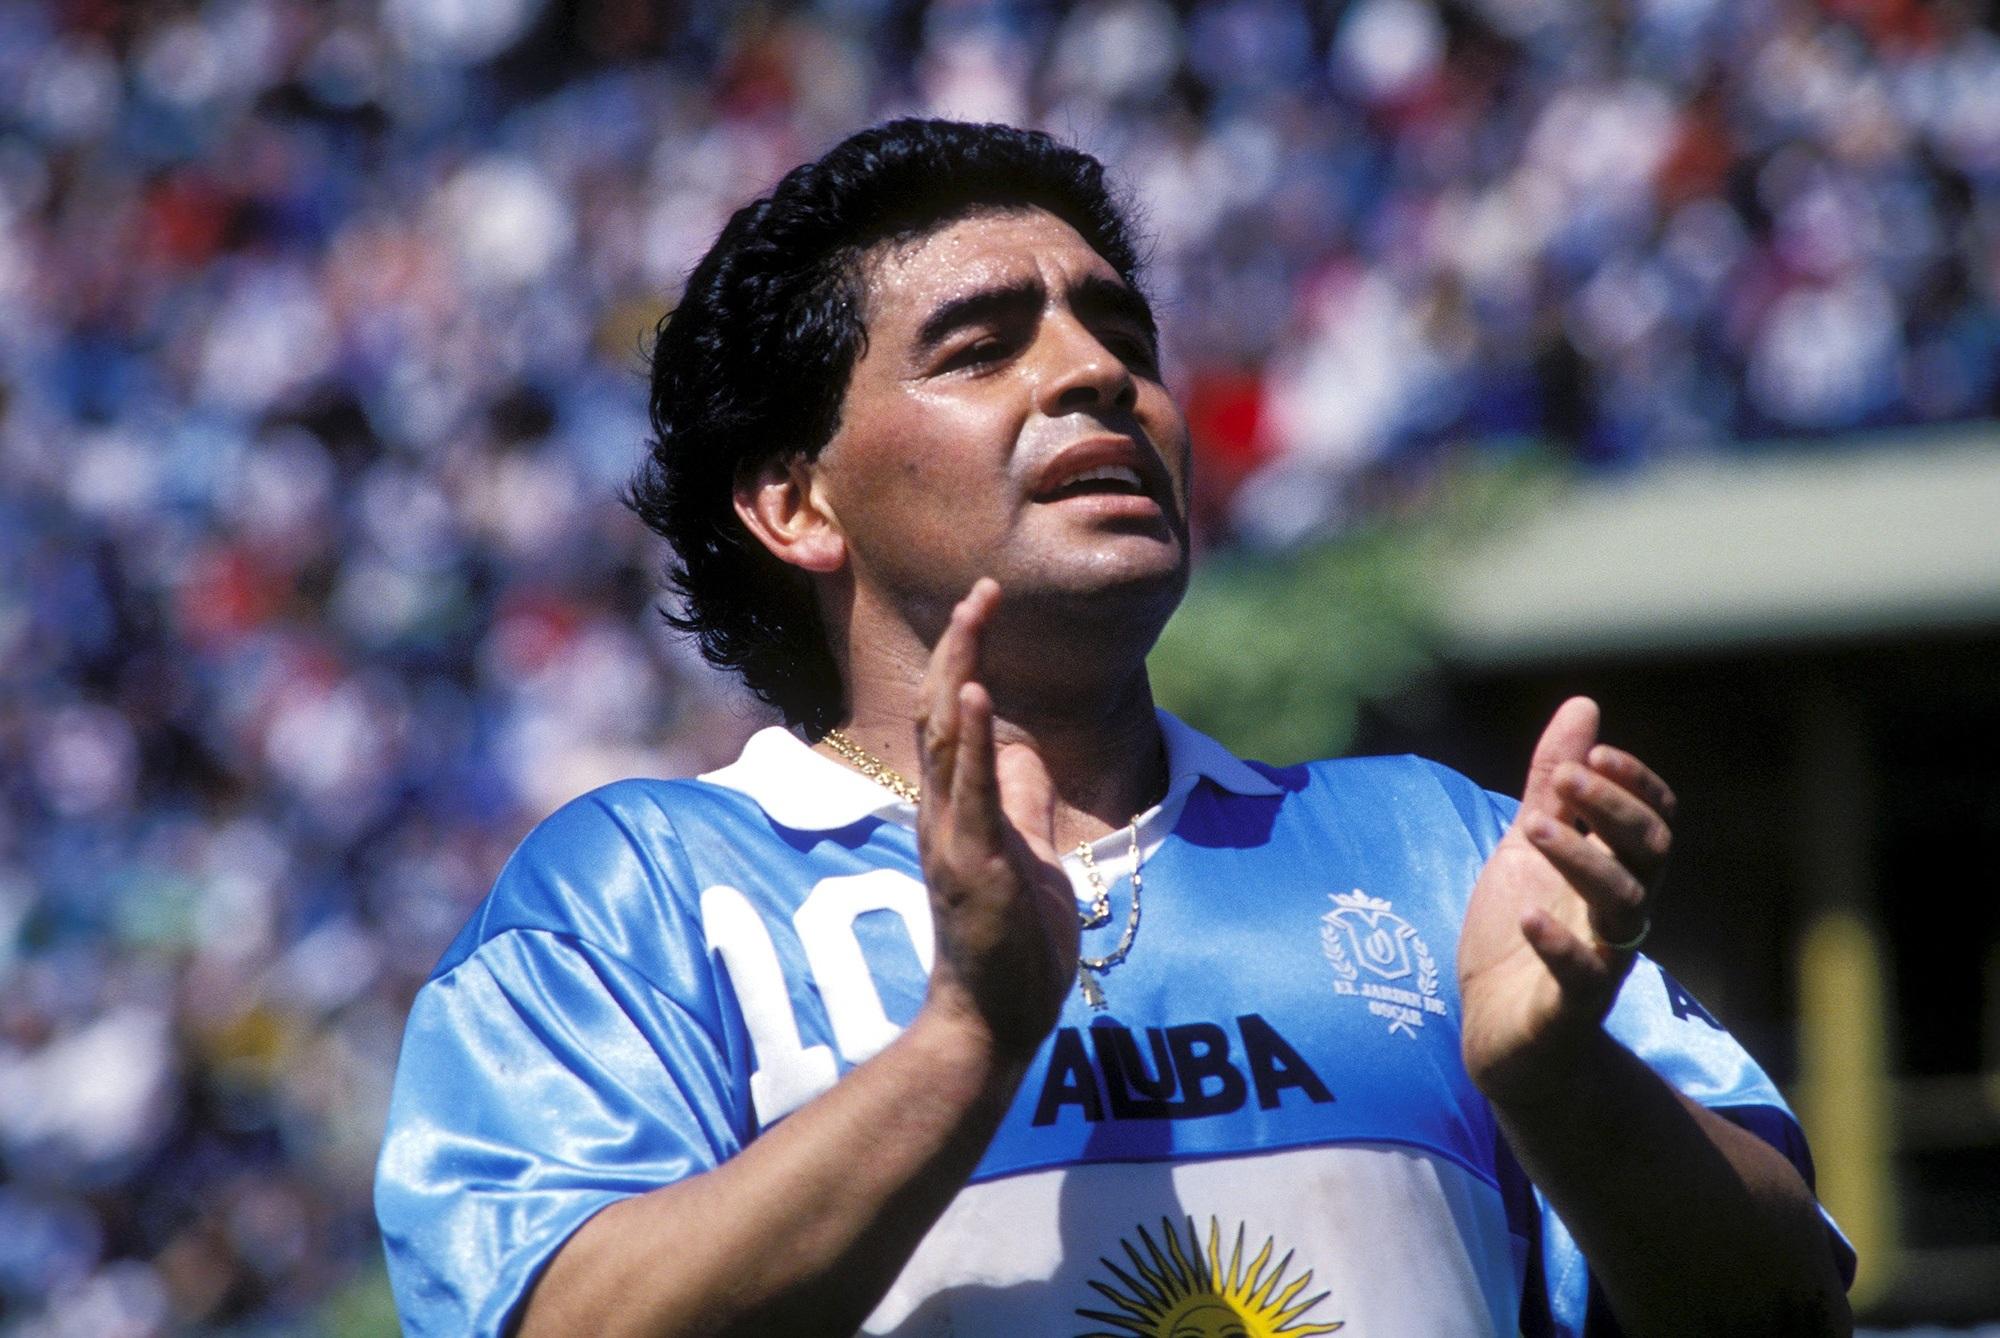 Maradona qua đời và top 10 sự kiện thể thao thế giới chấn động năm 2020 - 10